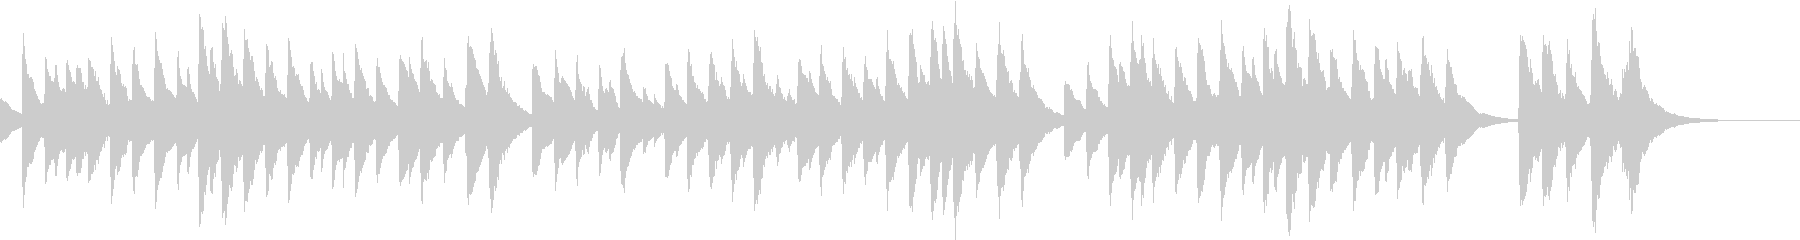 定番クリスマスソングのオルゴールA 1分の未再生の波形